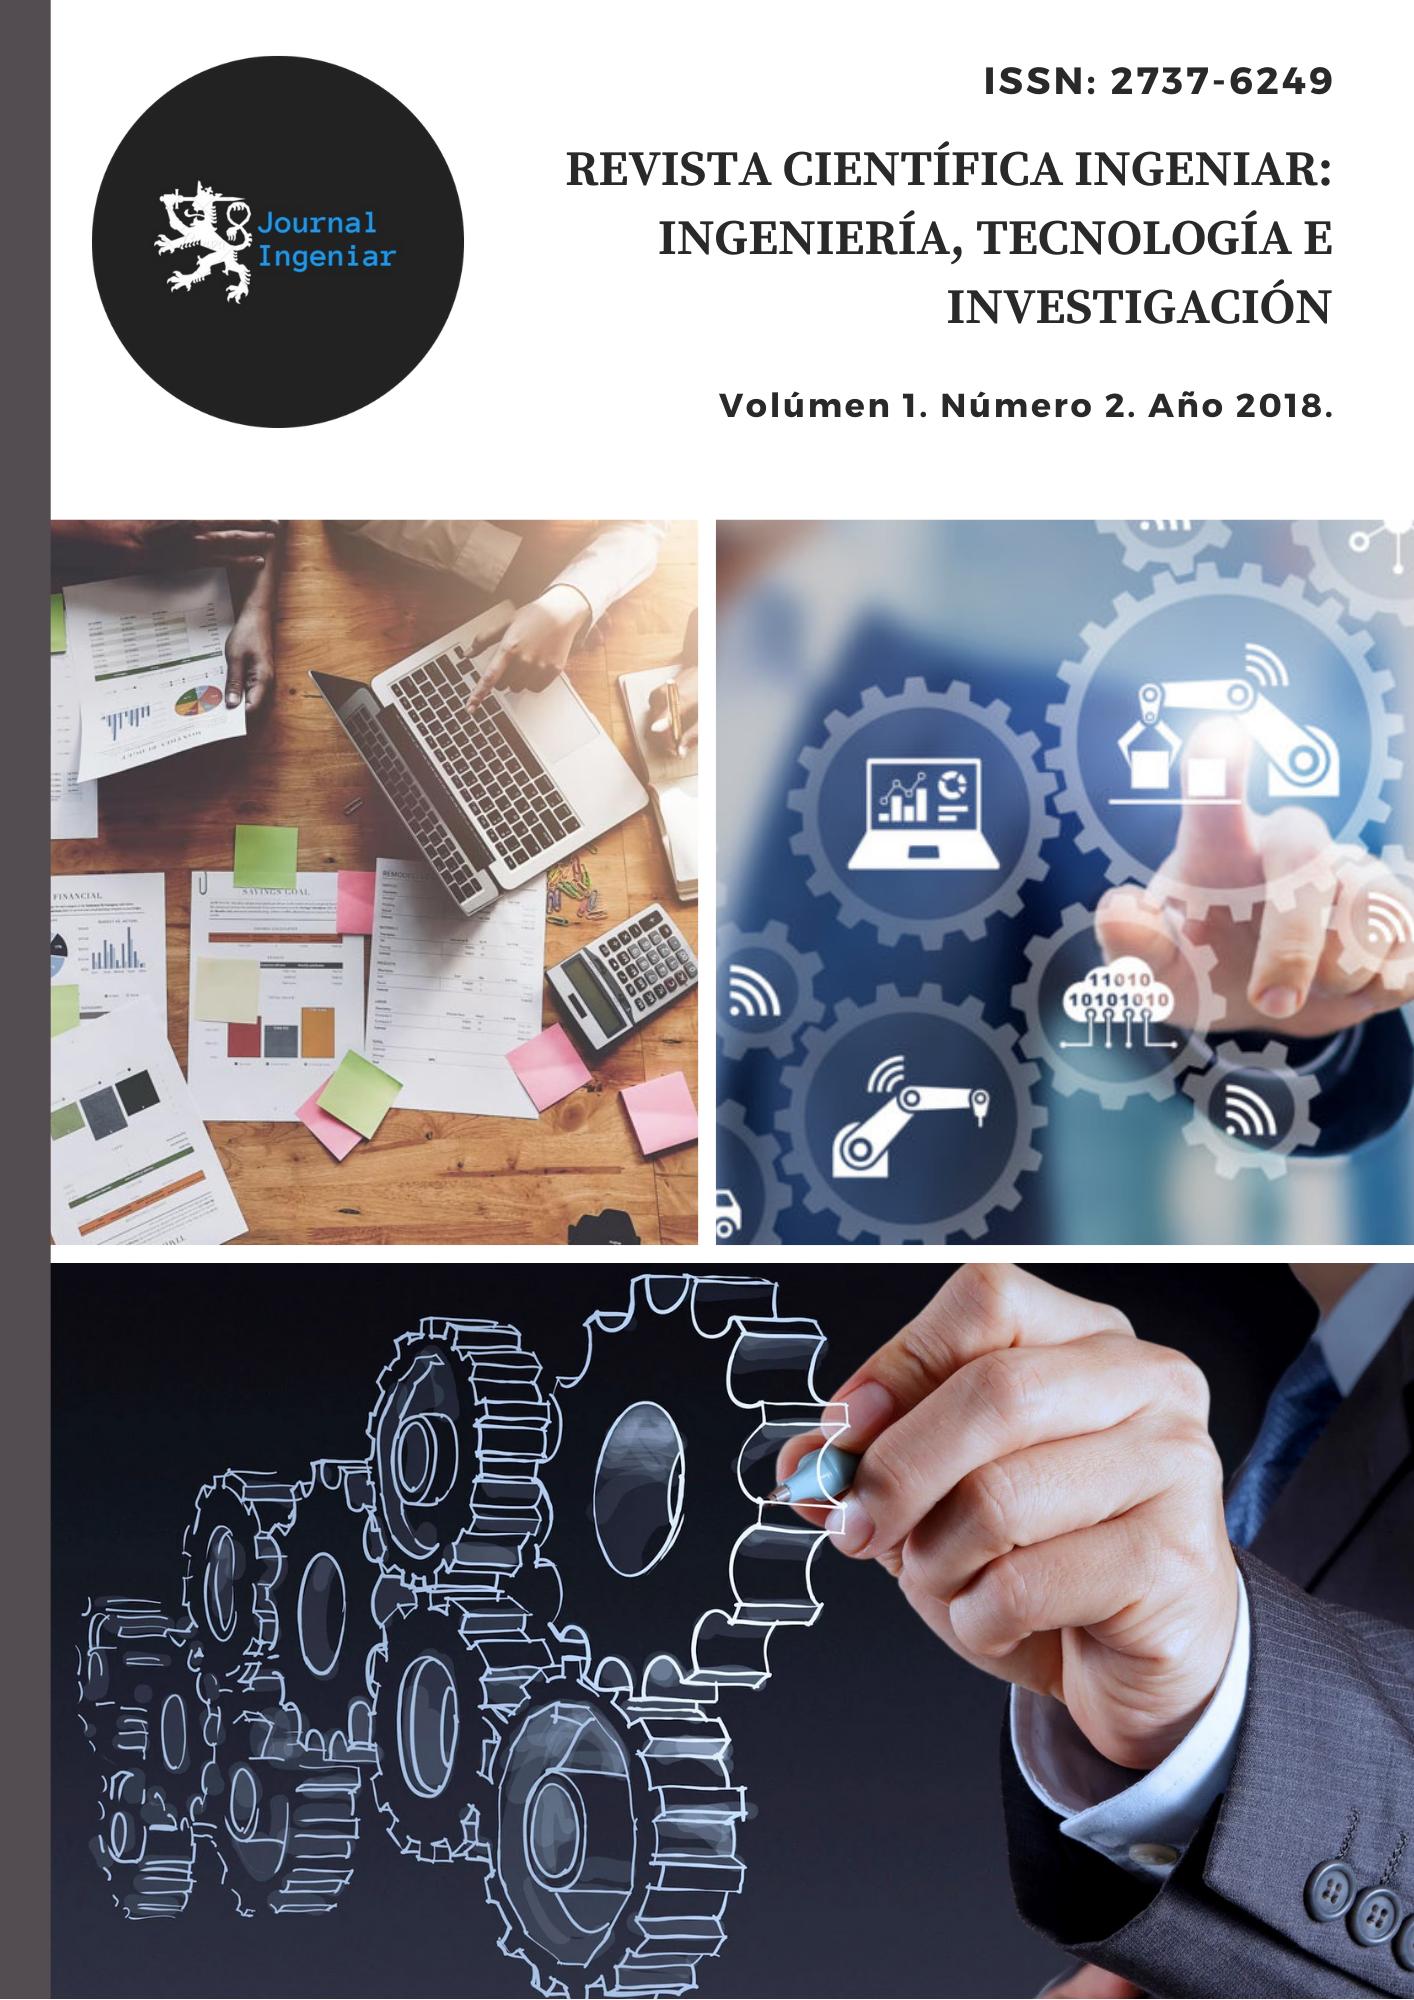 Ver Vol. 1 Núm. 2 (2018): Revista Científica INGENIAR: Ingeniería, Tecnología e Investigación